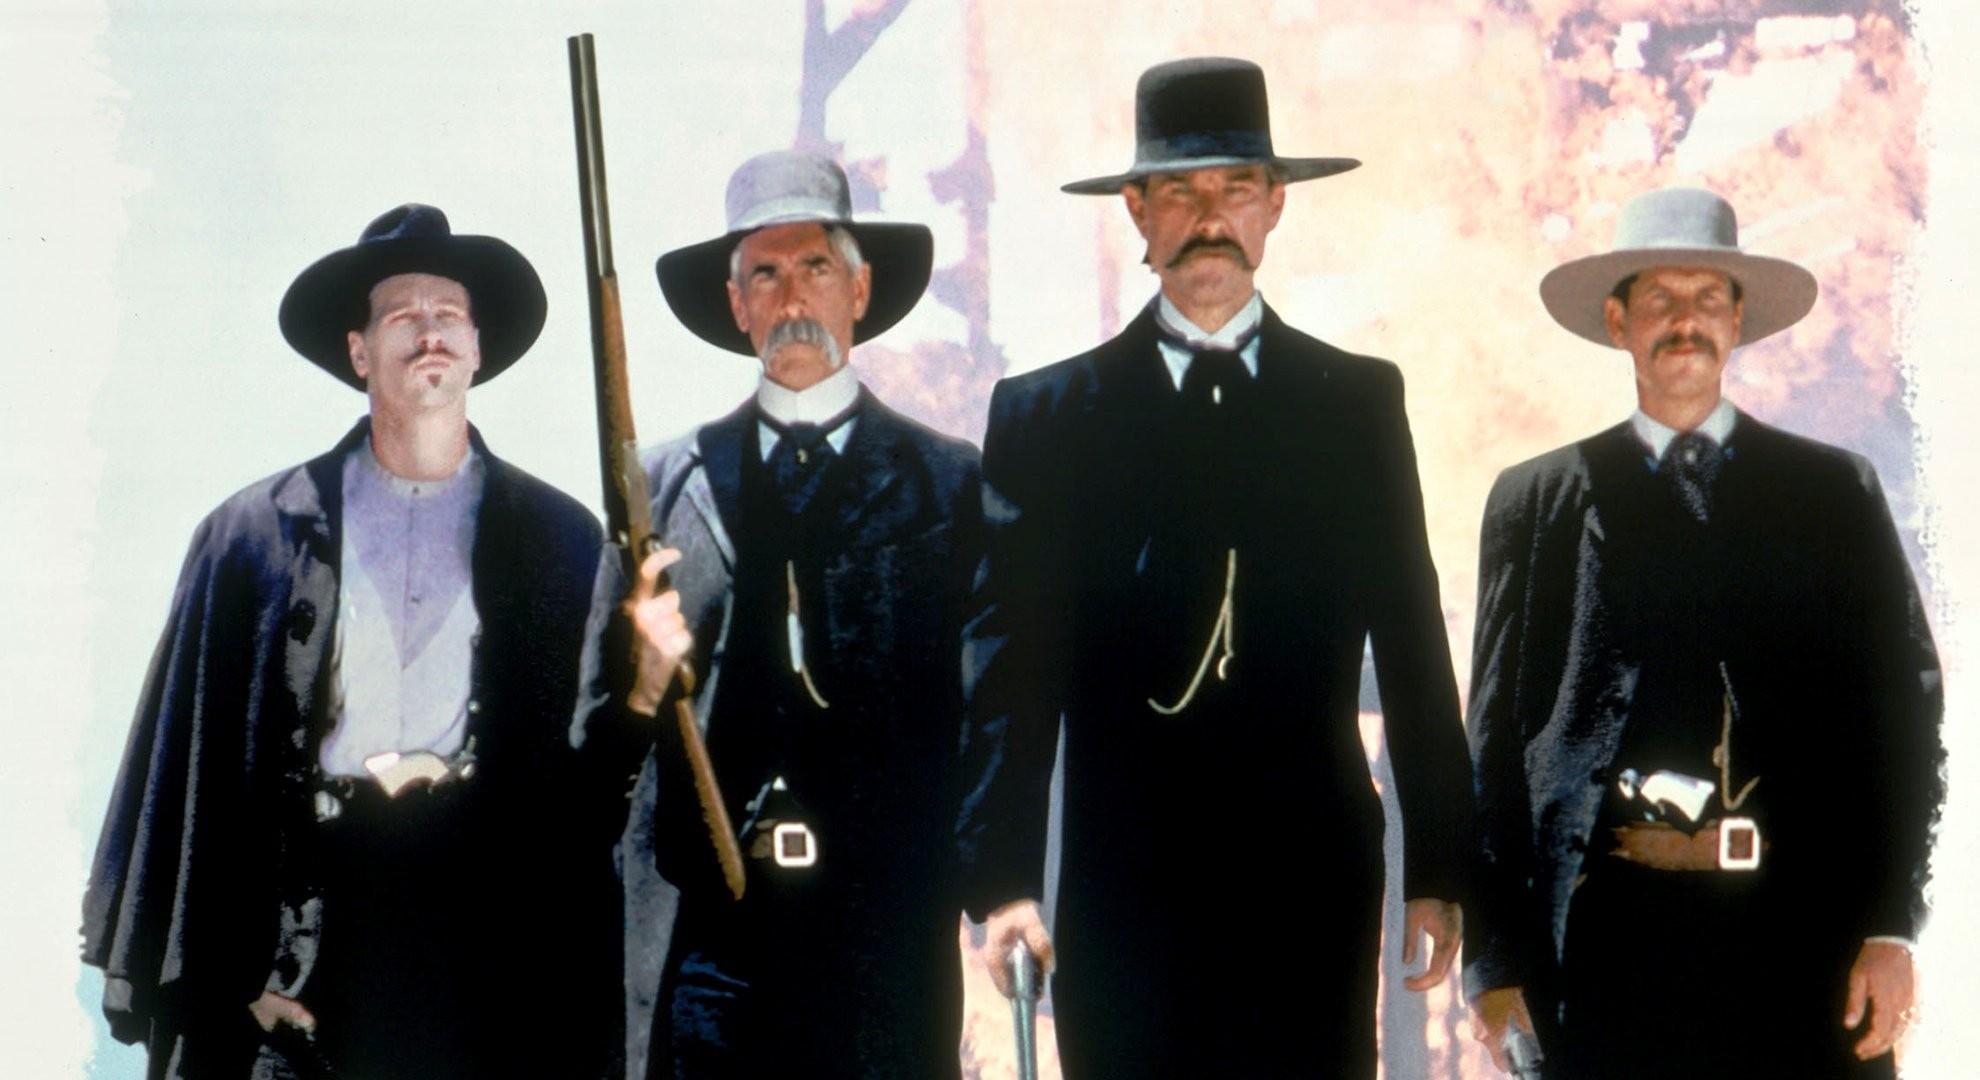 Тумстоун: Легенда дикого запада (Tombstone) 1993